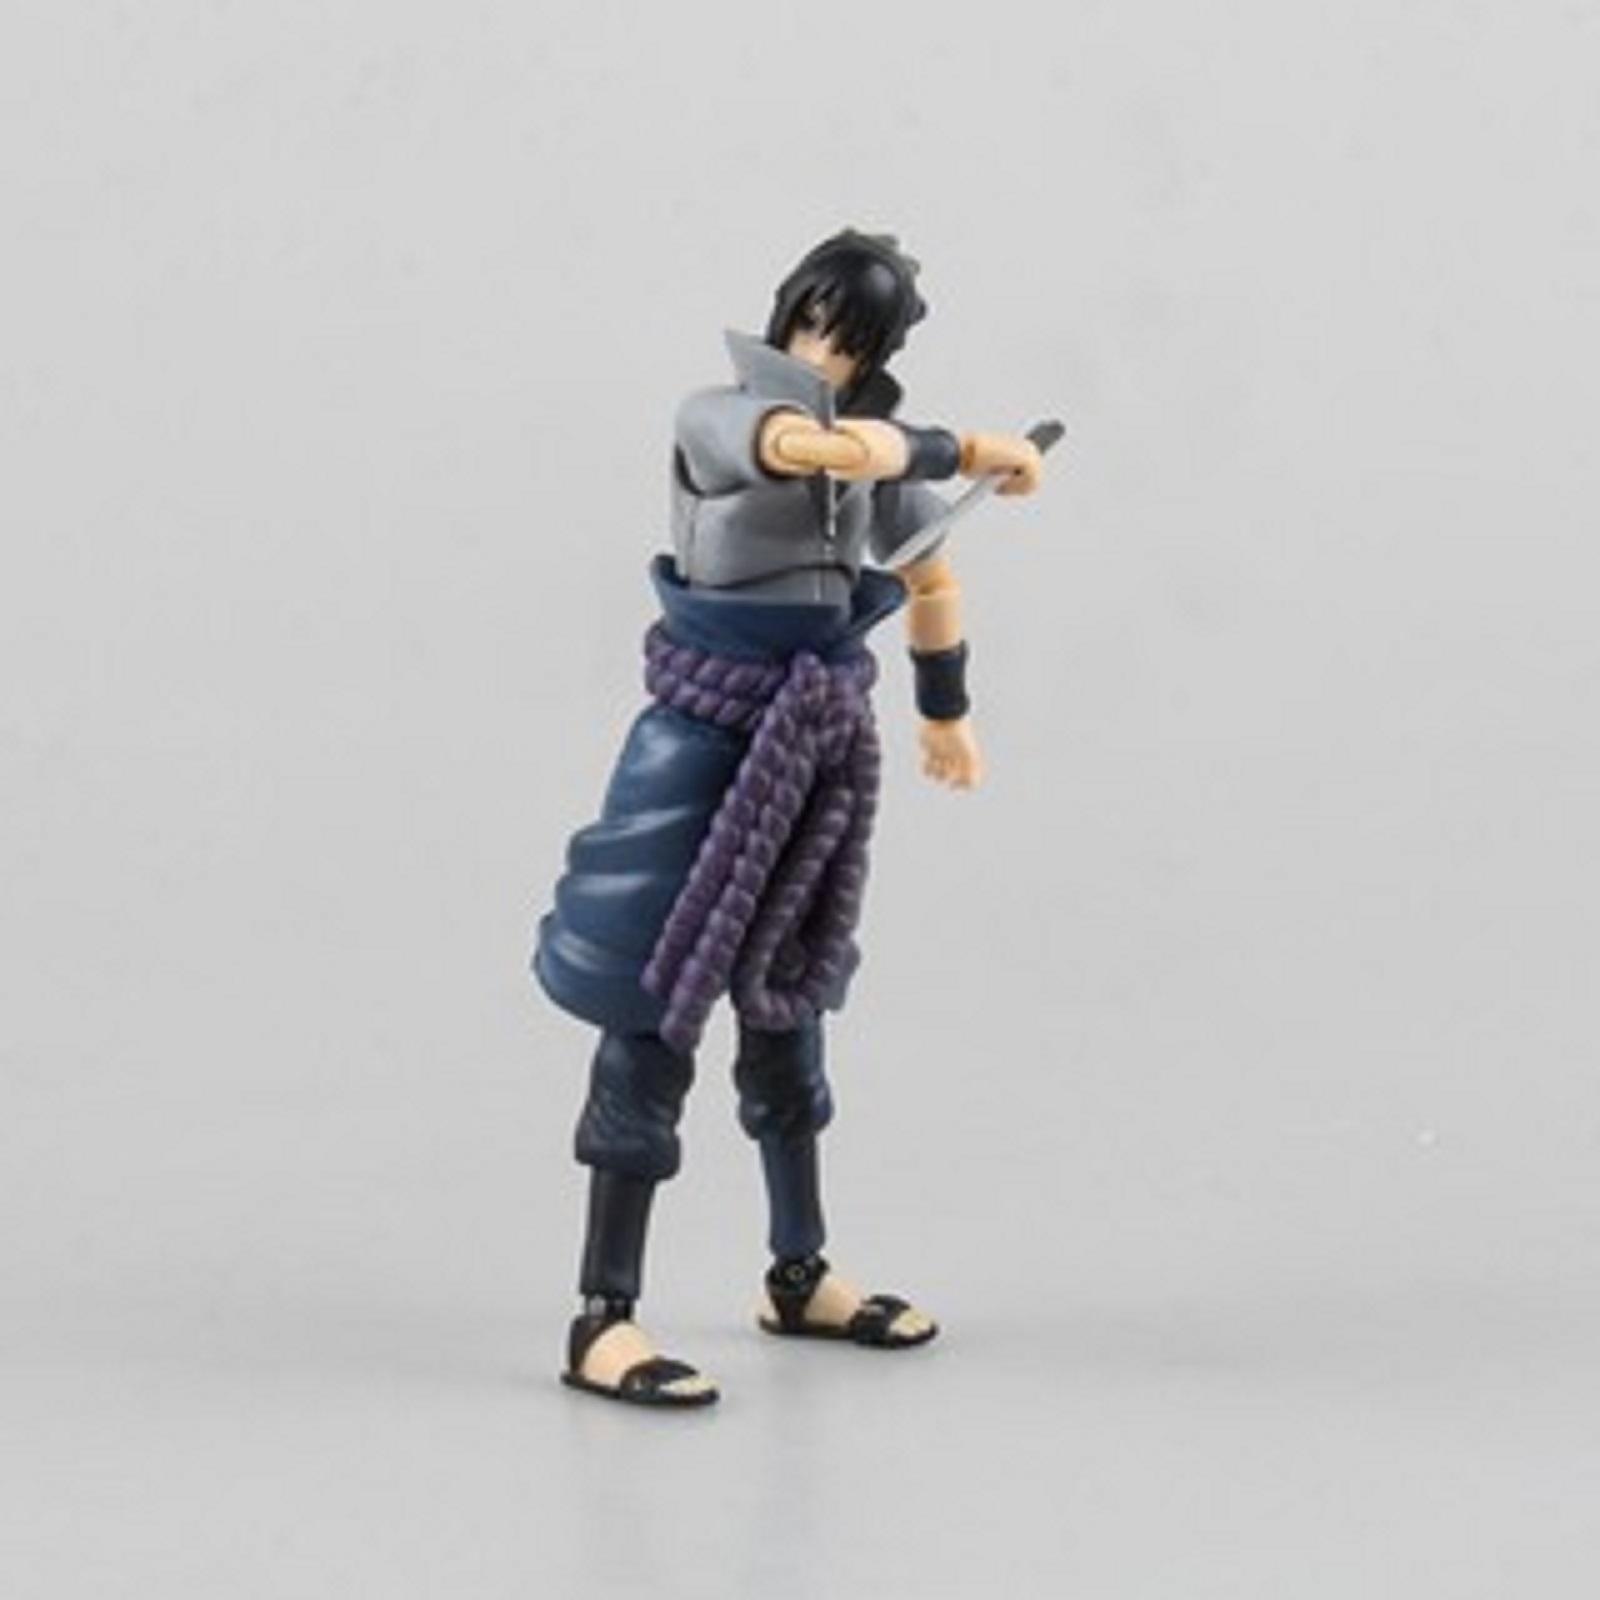 Mô hình khớp cử động Sasuke áo đông sắc nét từng chi tiết, khớp tốt, cao 15cm